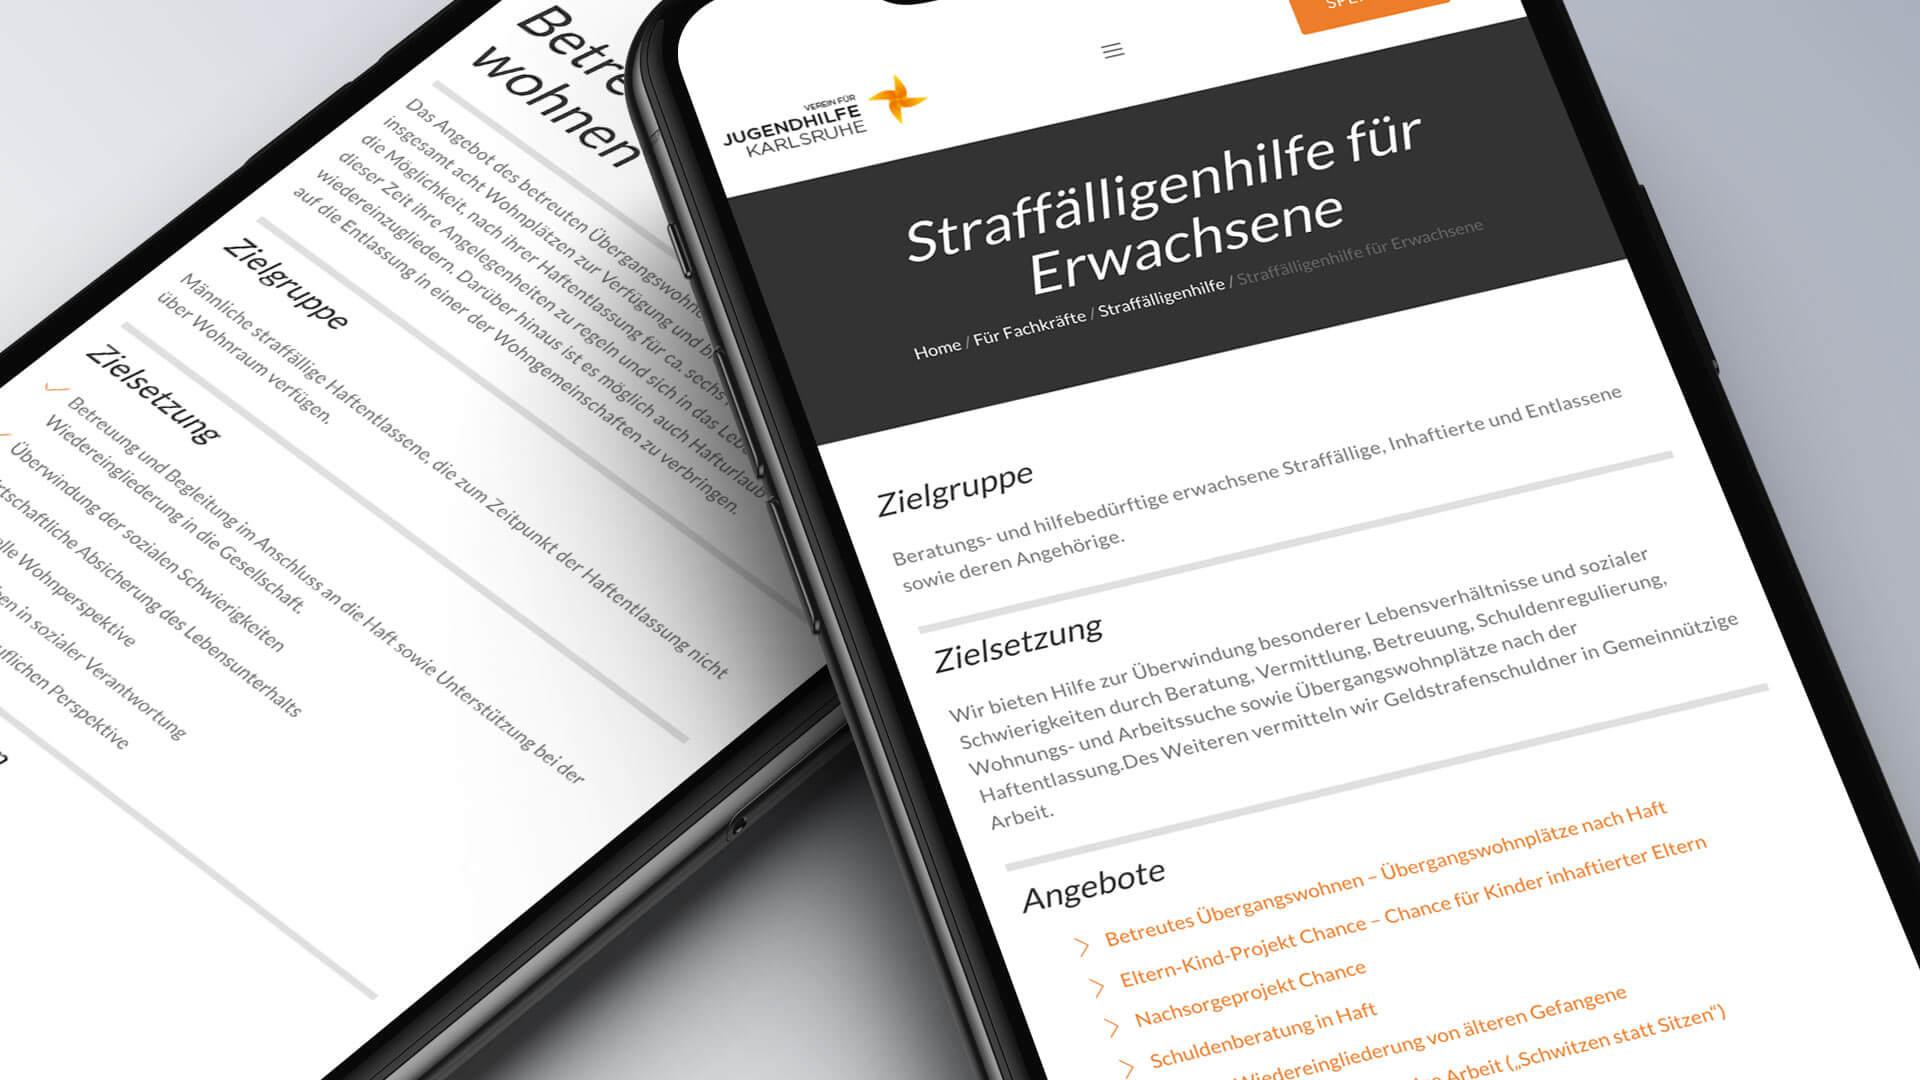 Verein für Jugendhilfe Karlsruhe e.V. Internetseite mobile Ansicht